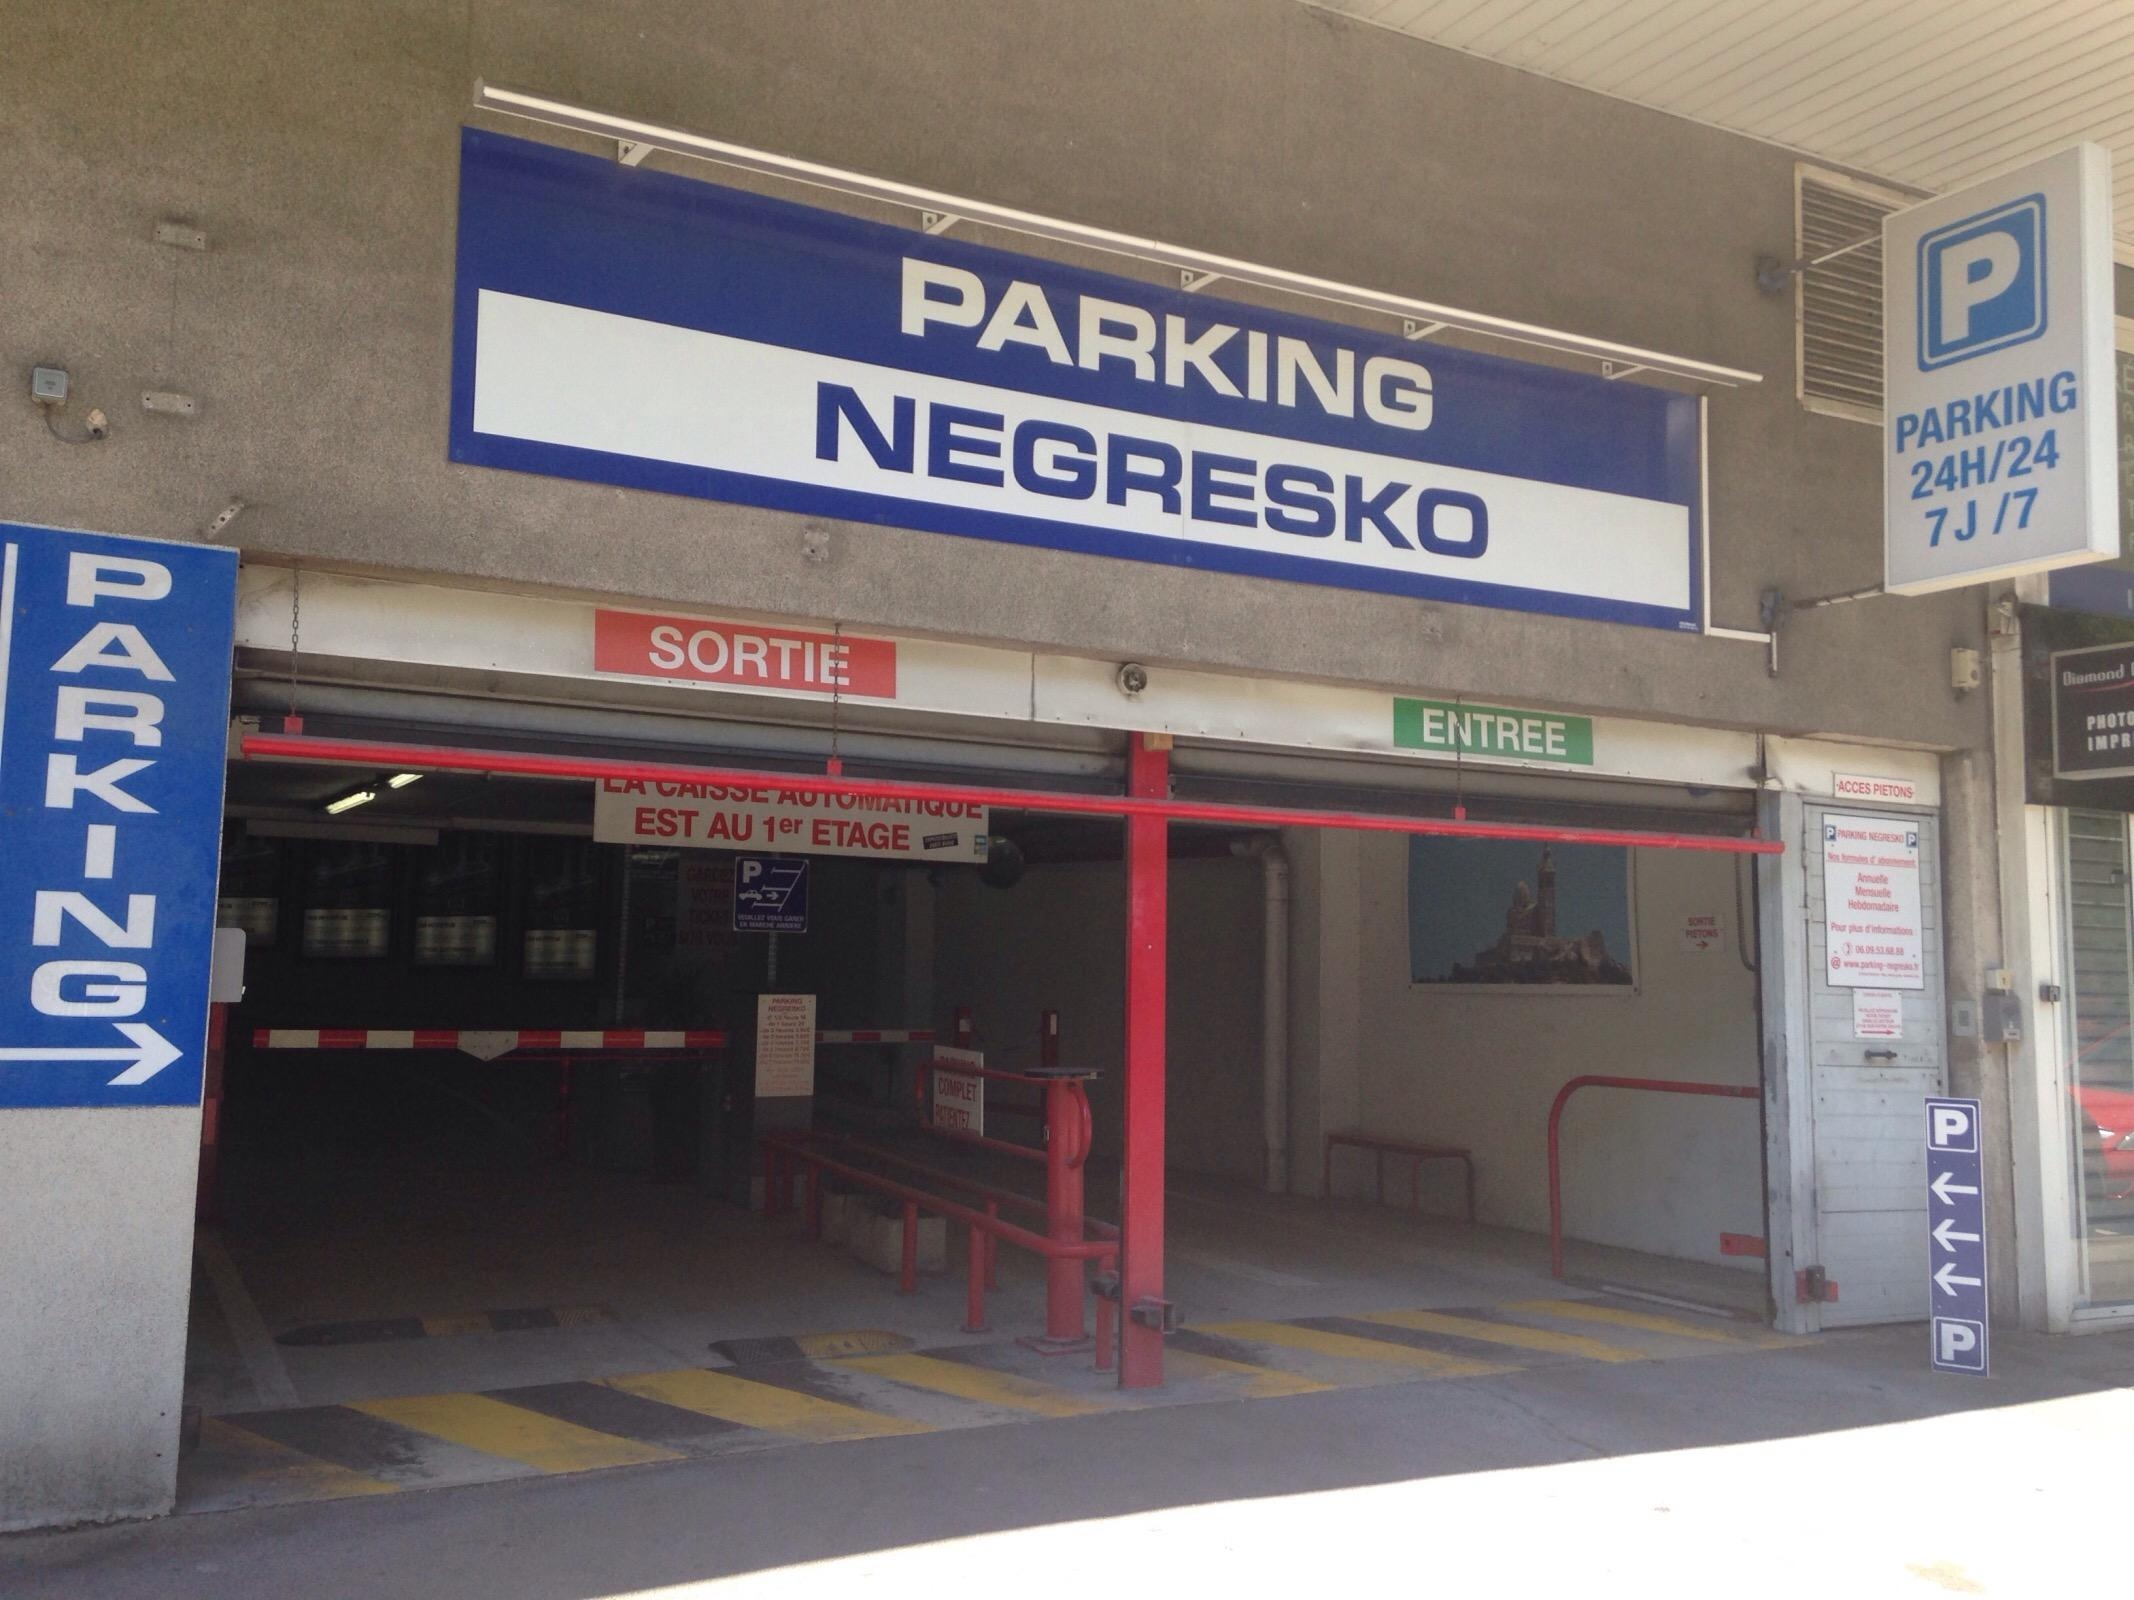 Estacionamentos parking negresko em marseille parkme for E parking marseille